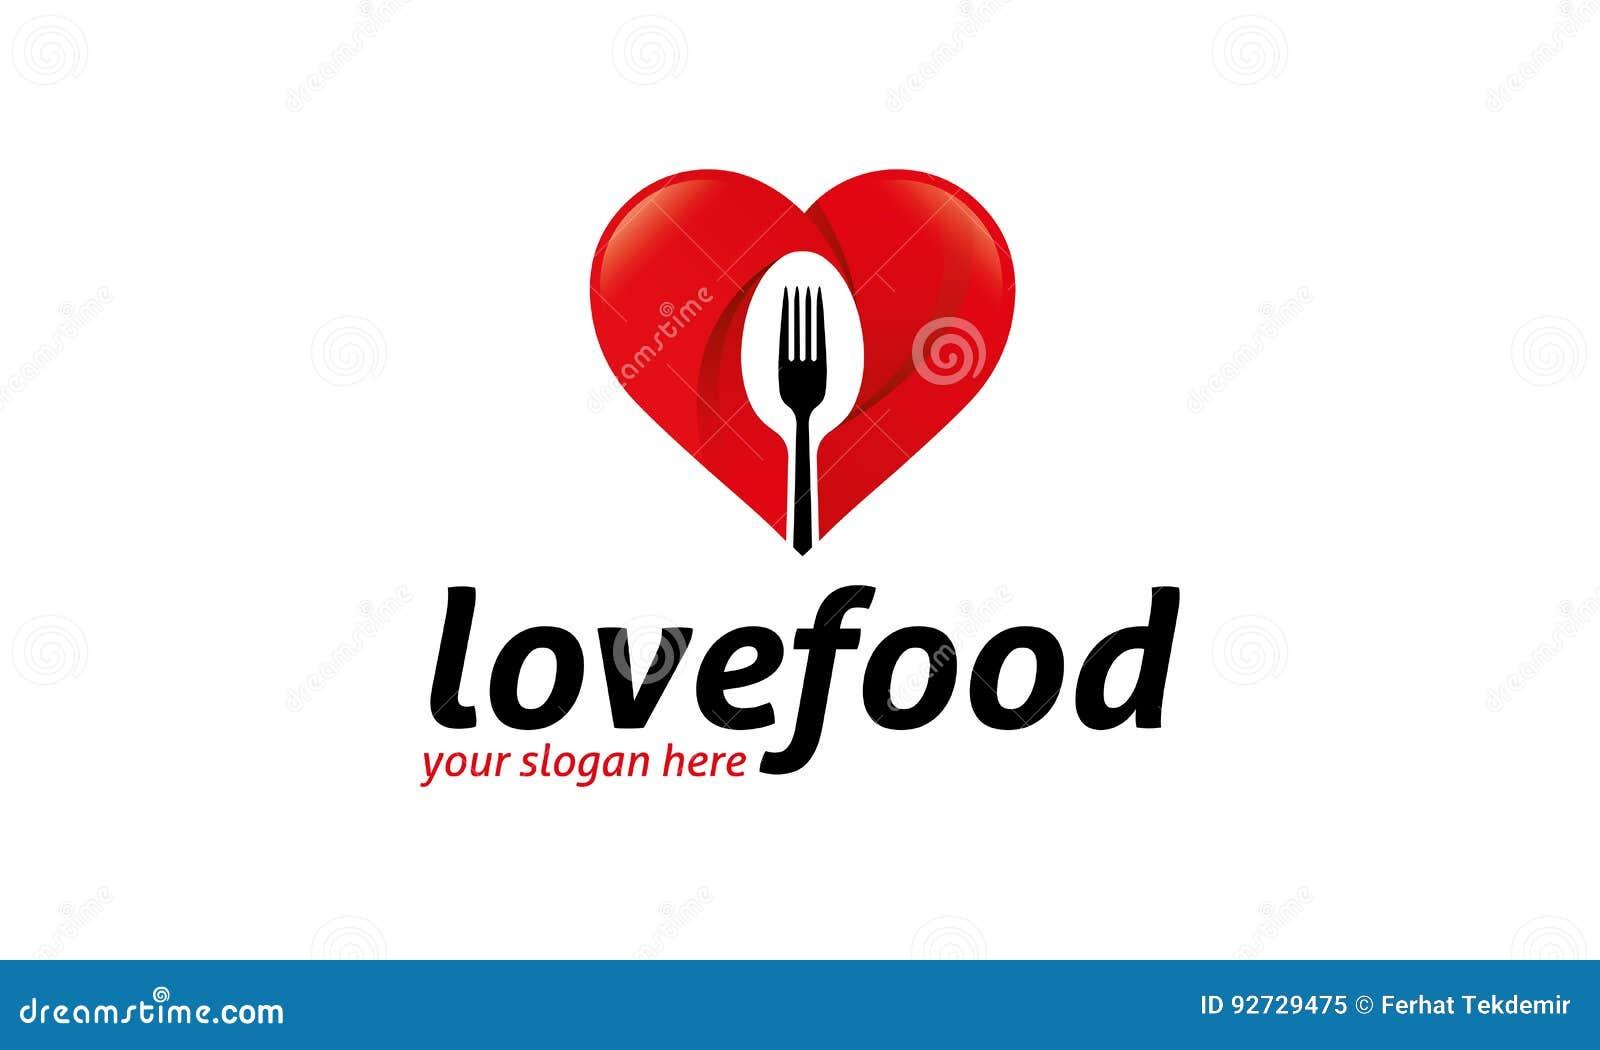 Logotipo do alimento do amor